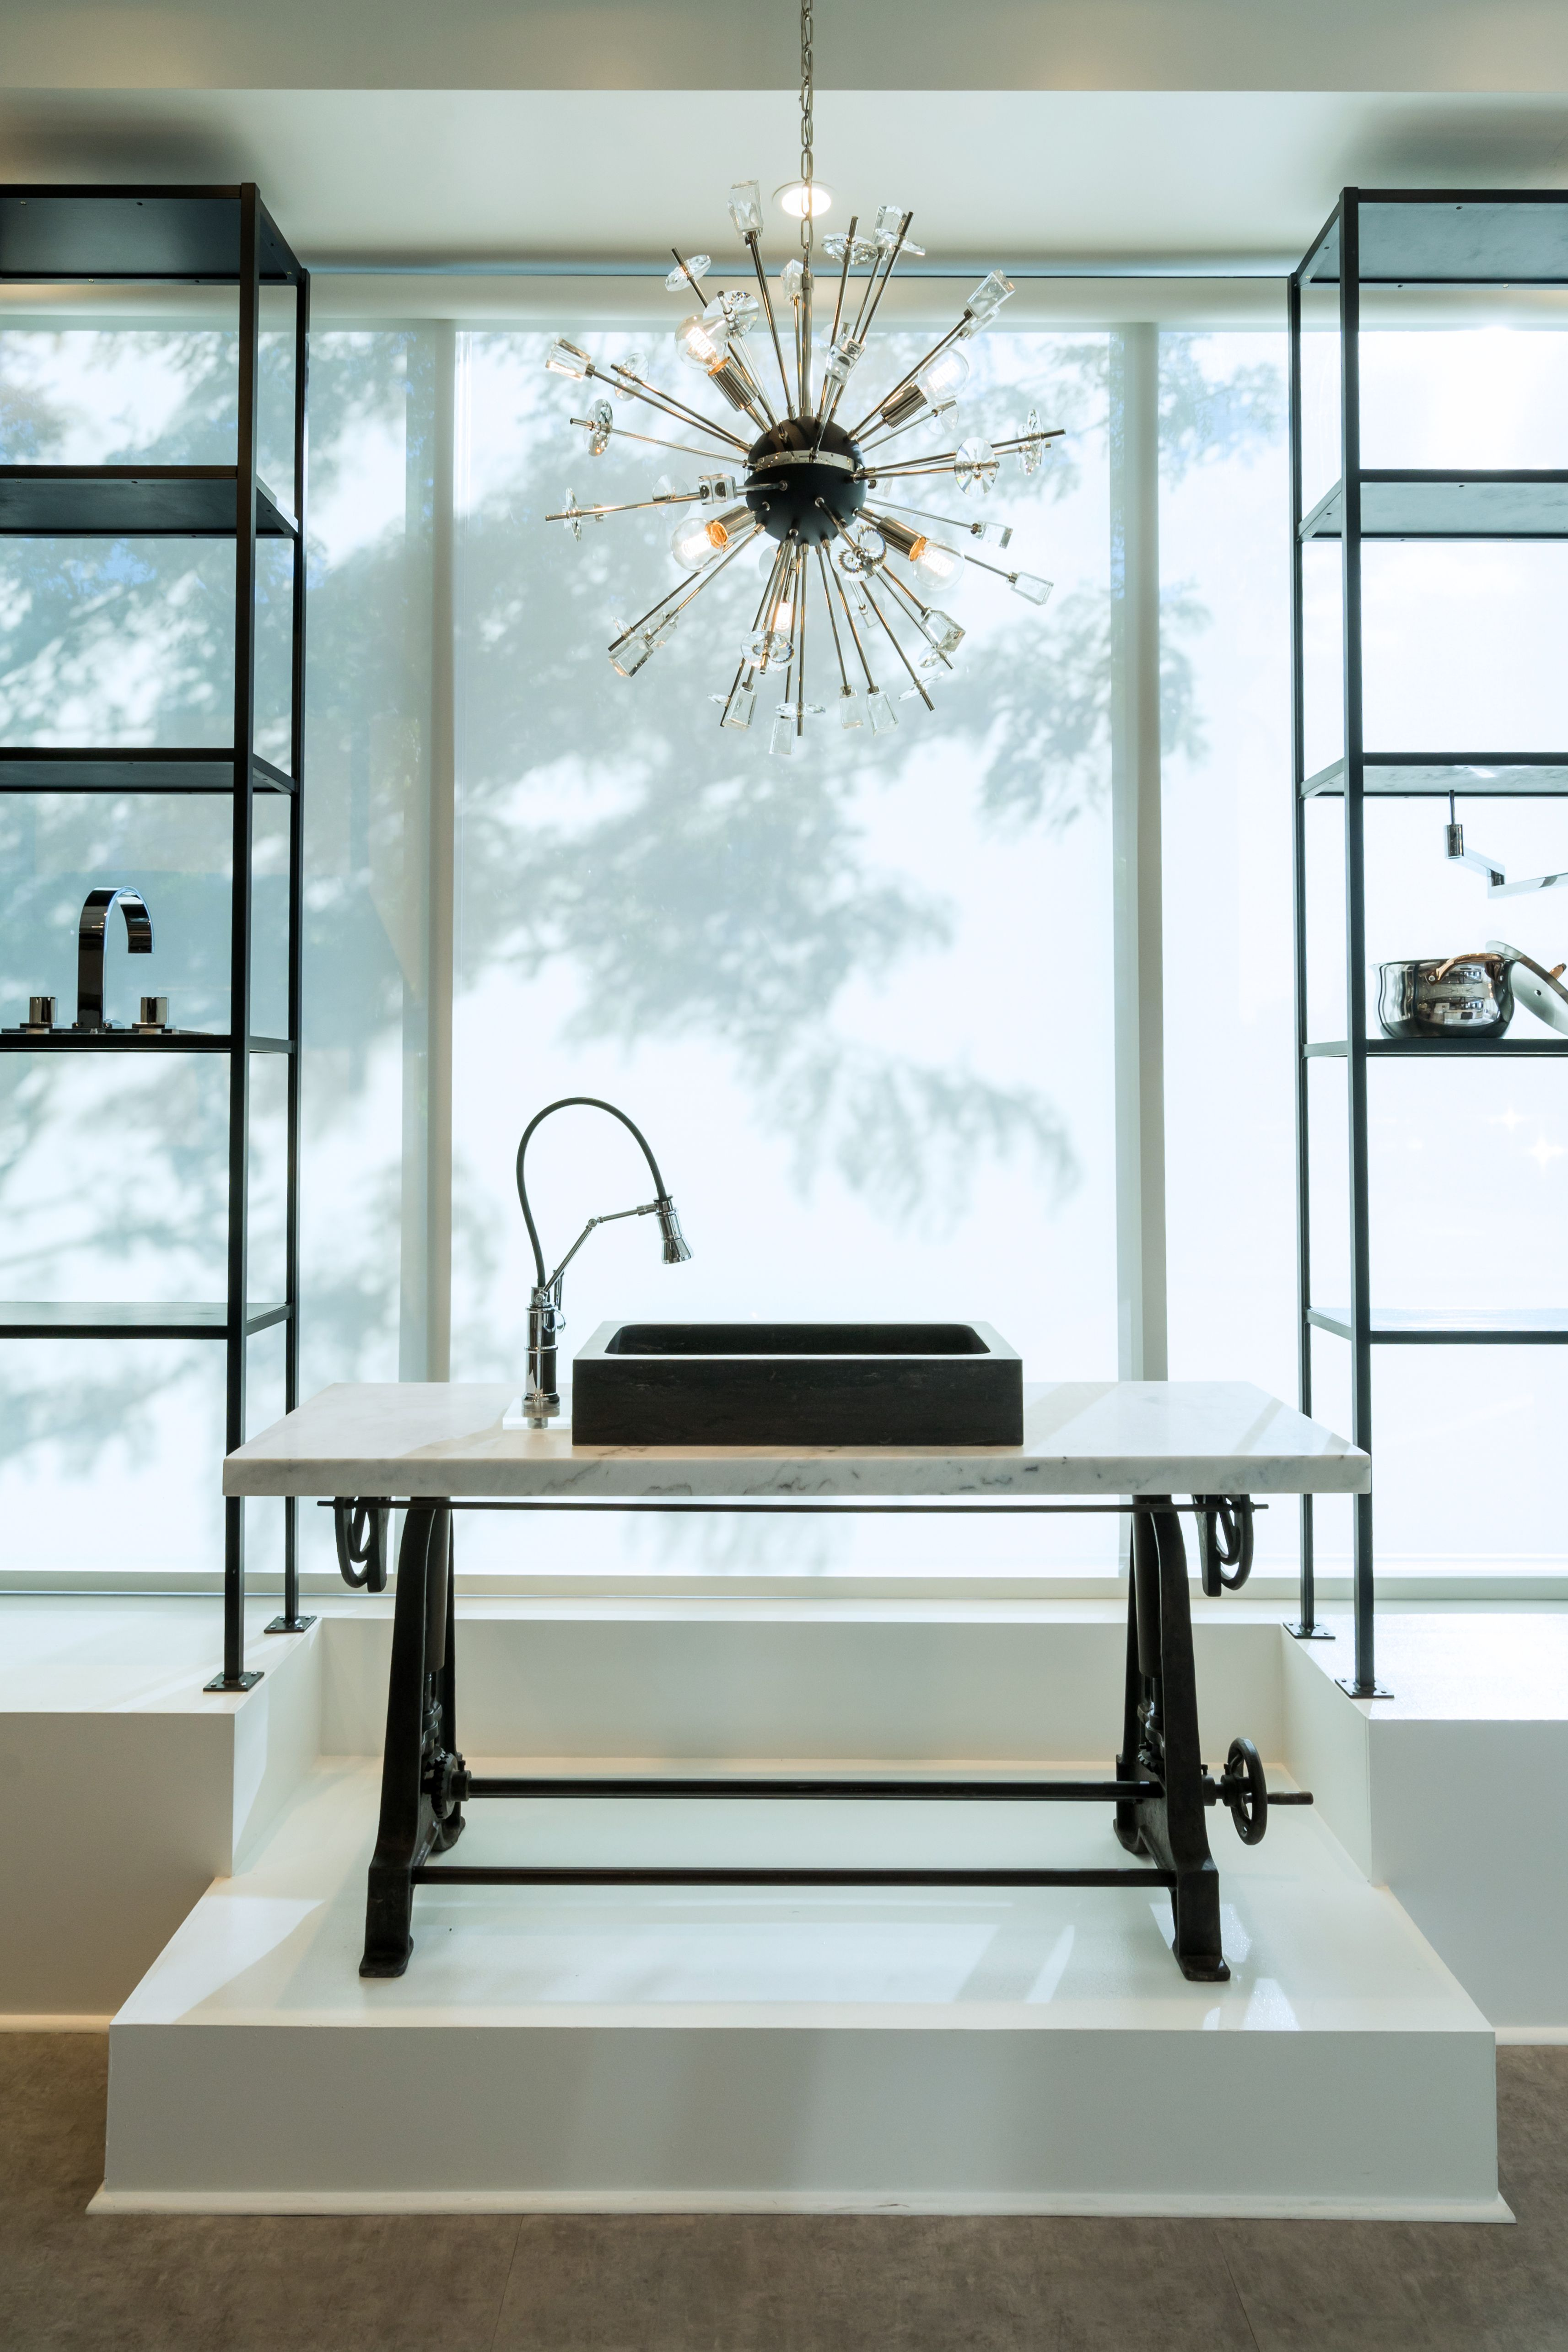 Flow Bath + Kitchen Design Studio (flowbathandkitchendesignstudio ...